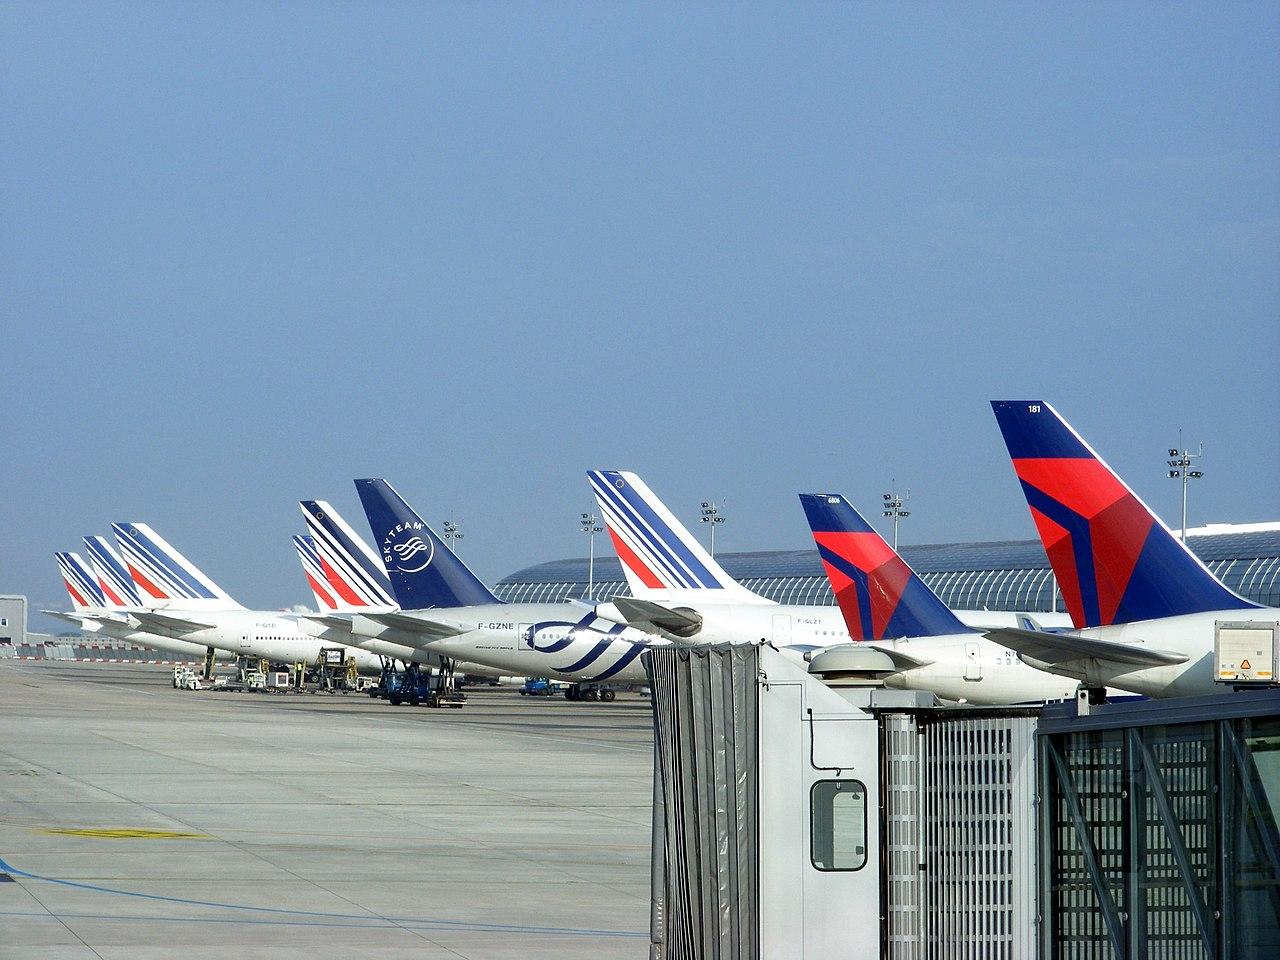 Air France-KLM et Delta volent côte à côte au sein de l'alliance Skyteam© Mathieu Marquer / Wikipedia